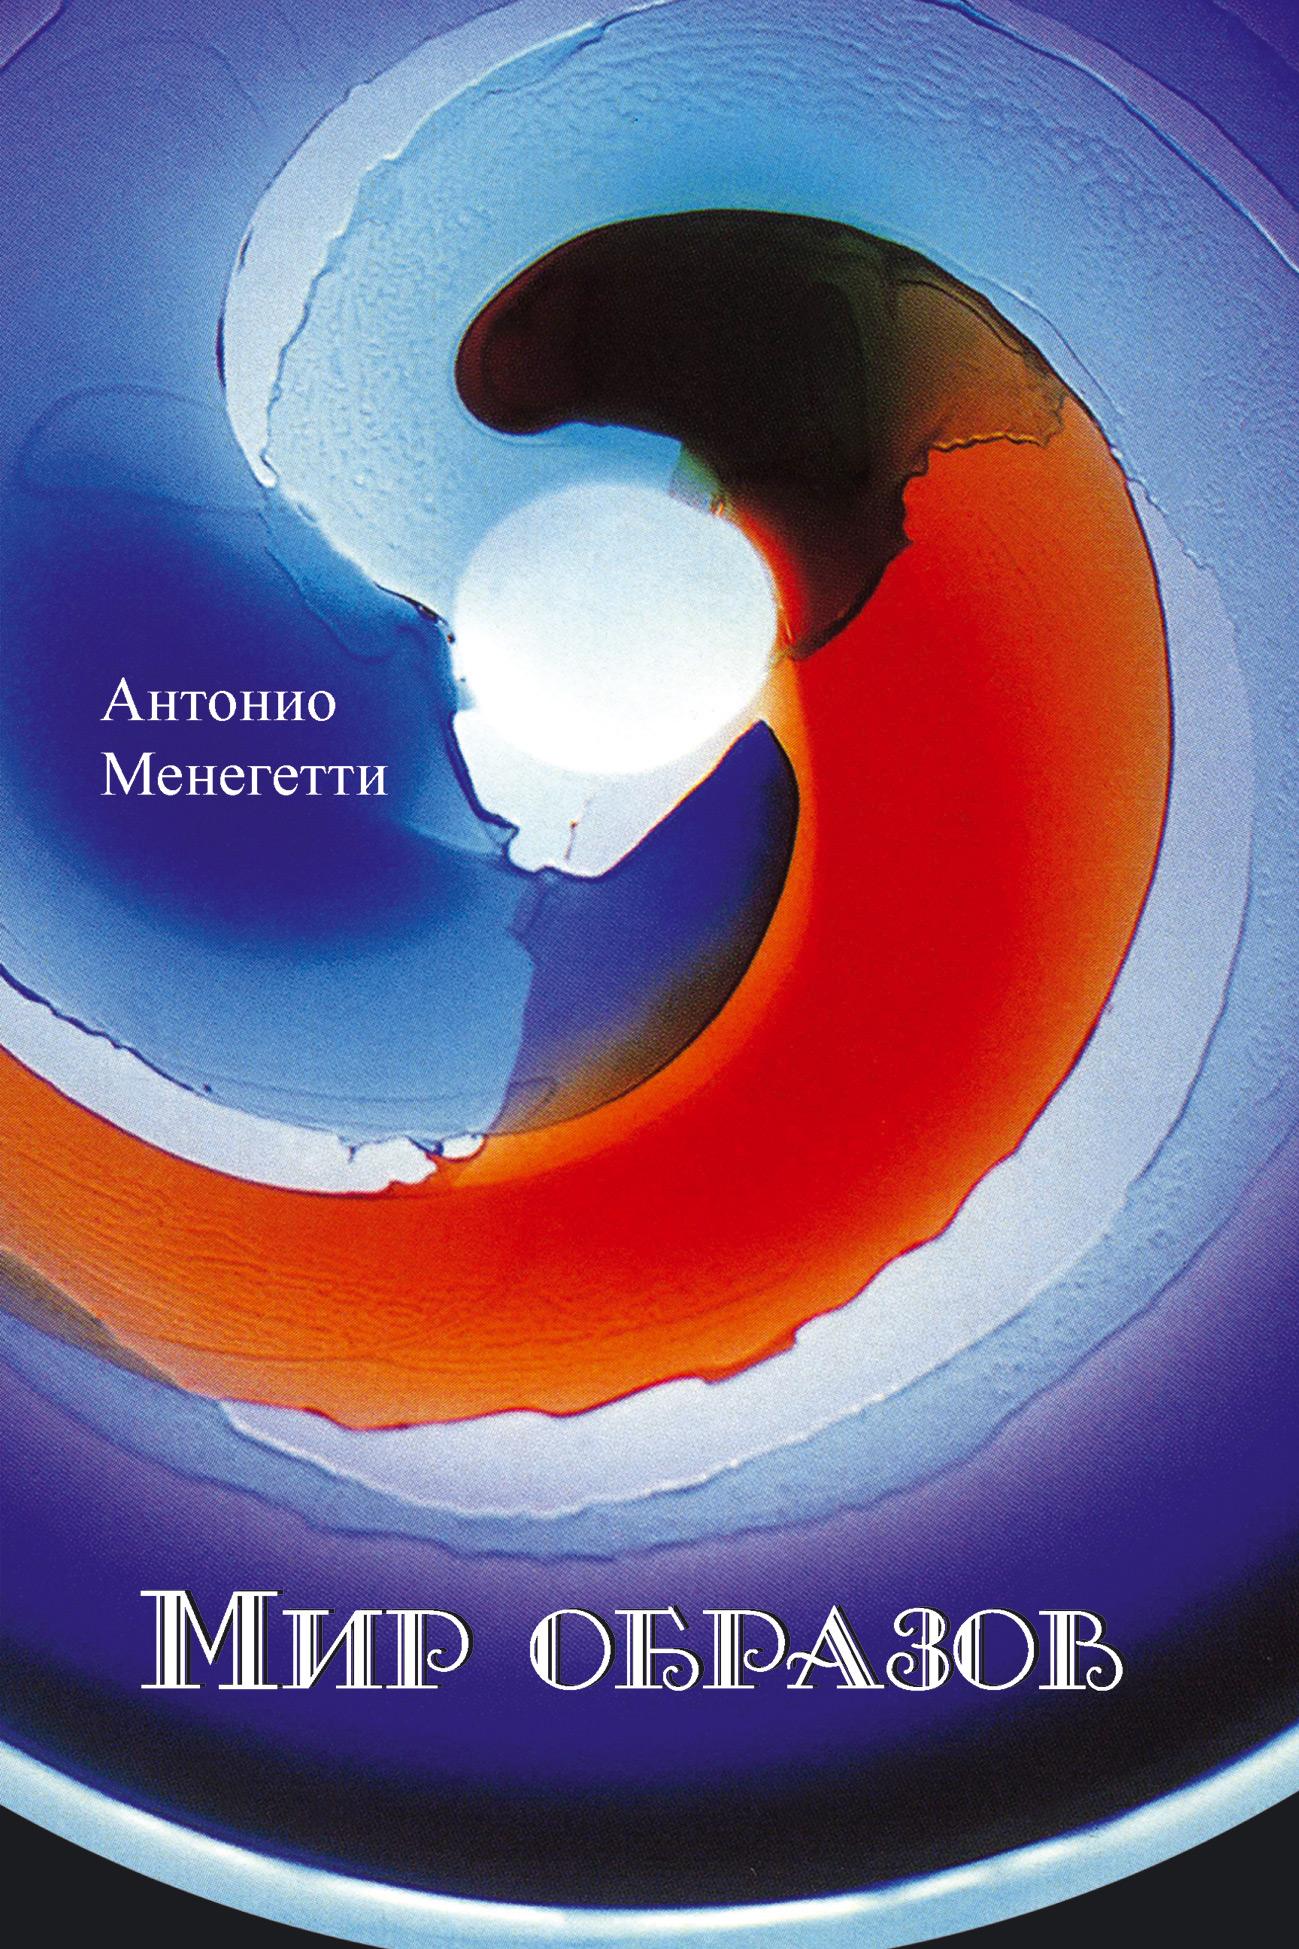 купить Антонио Менегетти Мир образов недорого